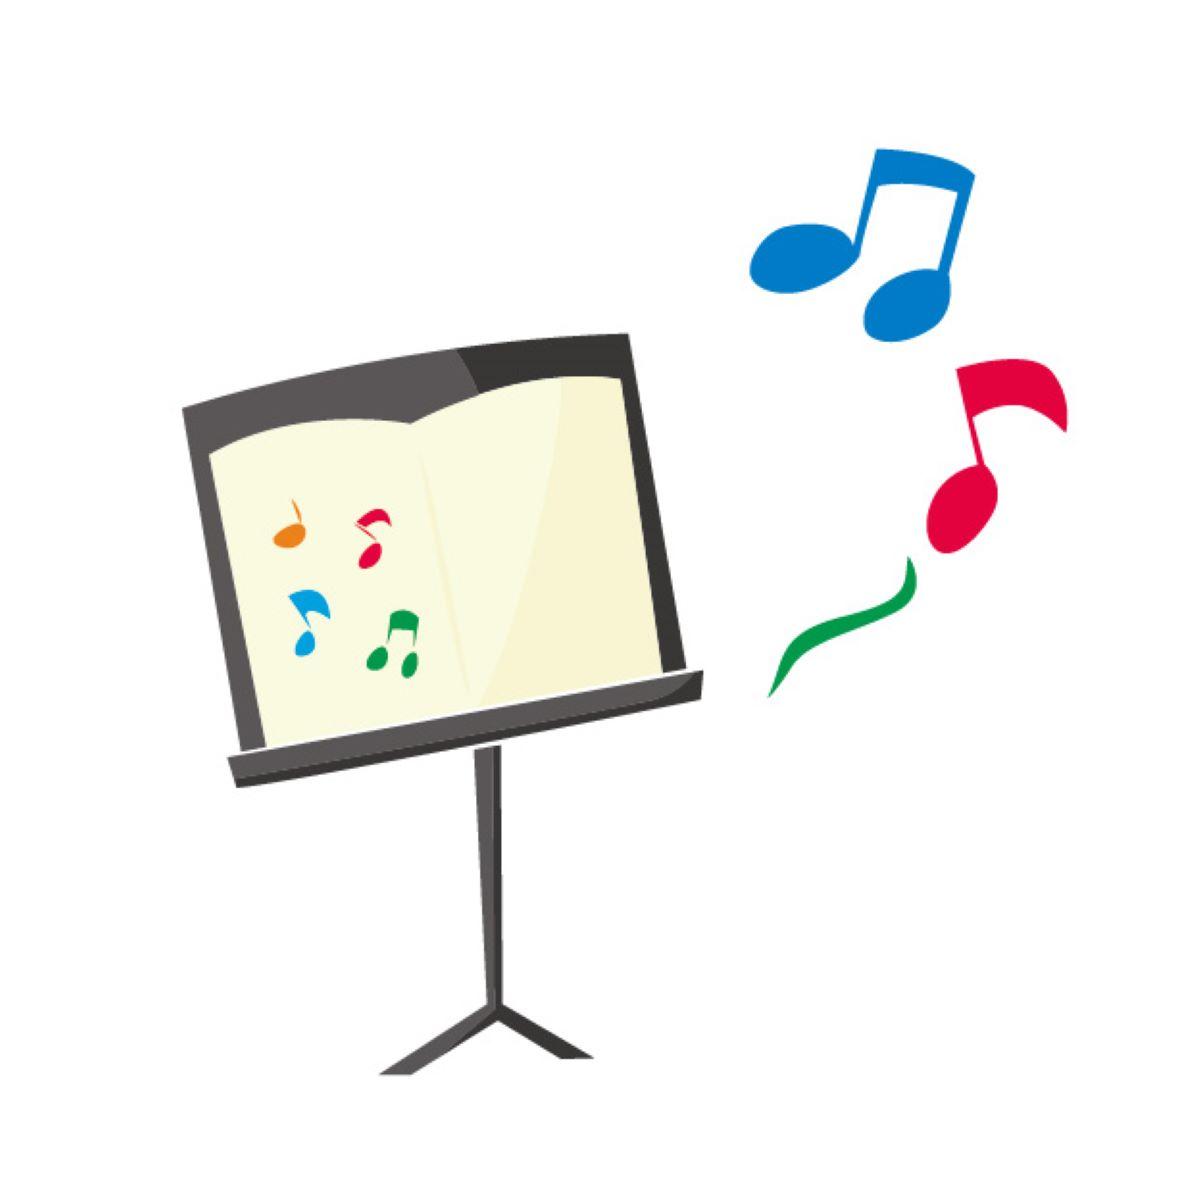 【イベント】2021.10/24(日)開催★大阪狭山市・狭山池博物館で入場無料!大阪教育大学音楽コース専攻生による『Autumn Concert』開催♪申込は10/10(日)まで!!: